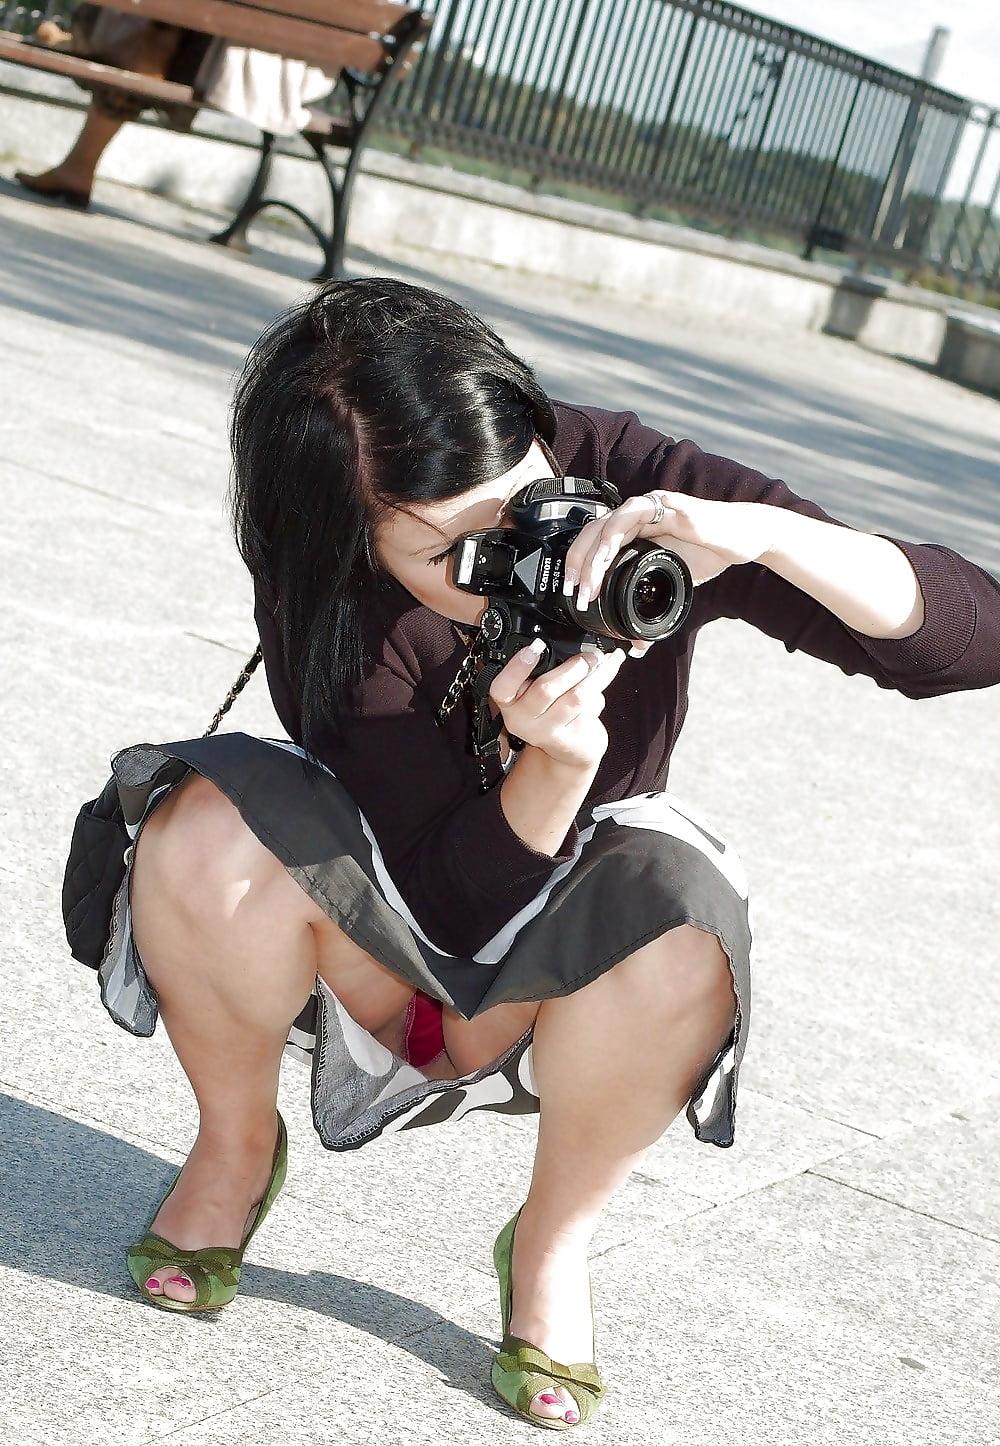 Скрытая камера на улице зрелые женщины под юбкой, фото категории колготках лесбиянки